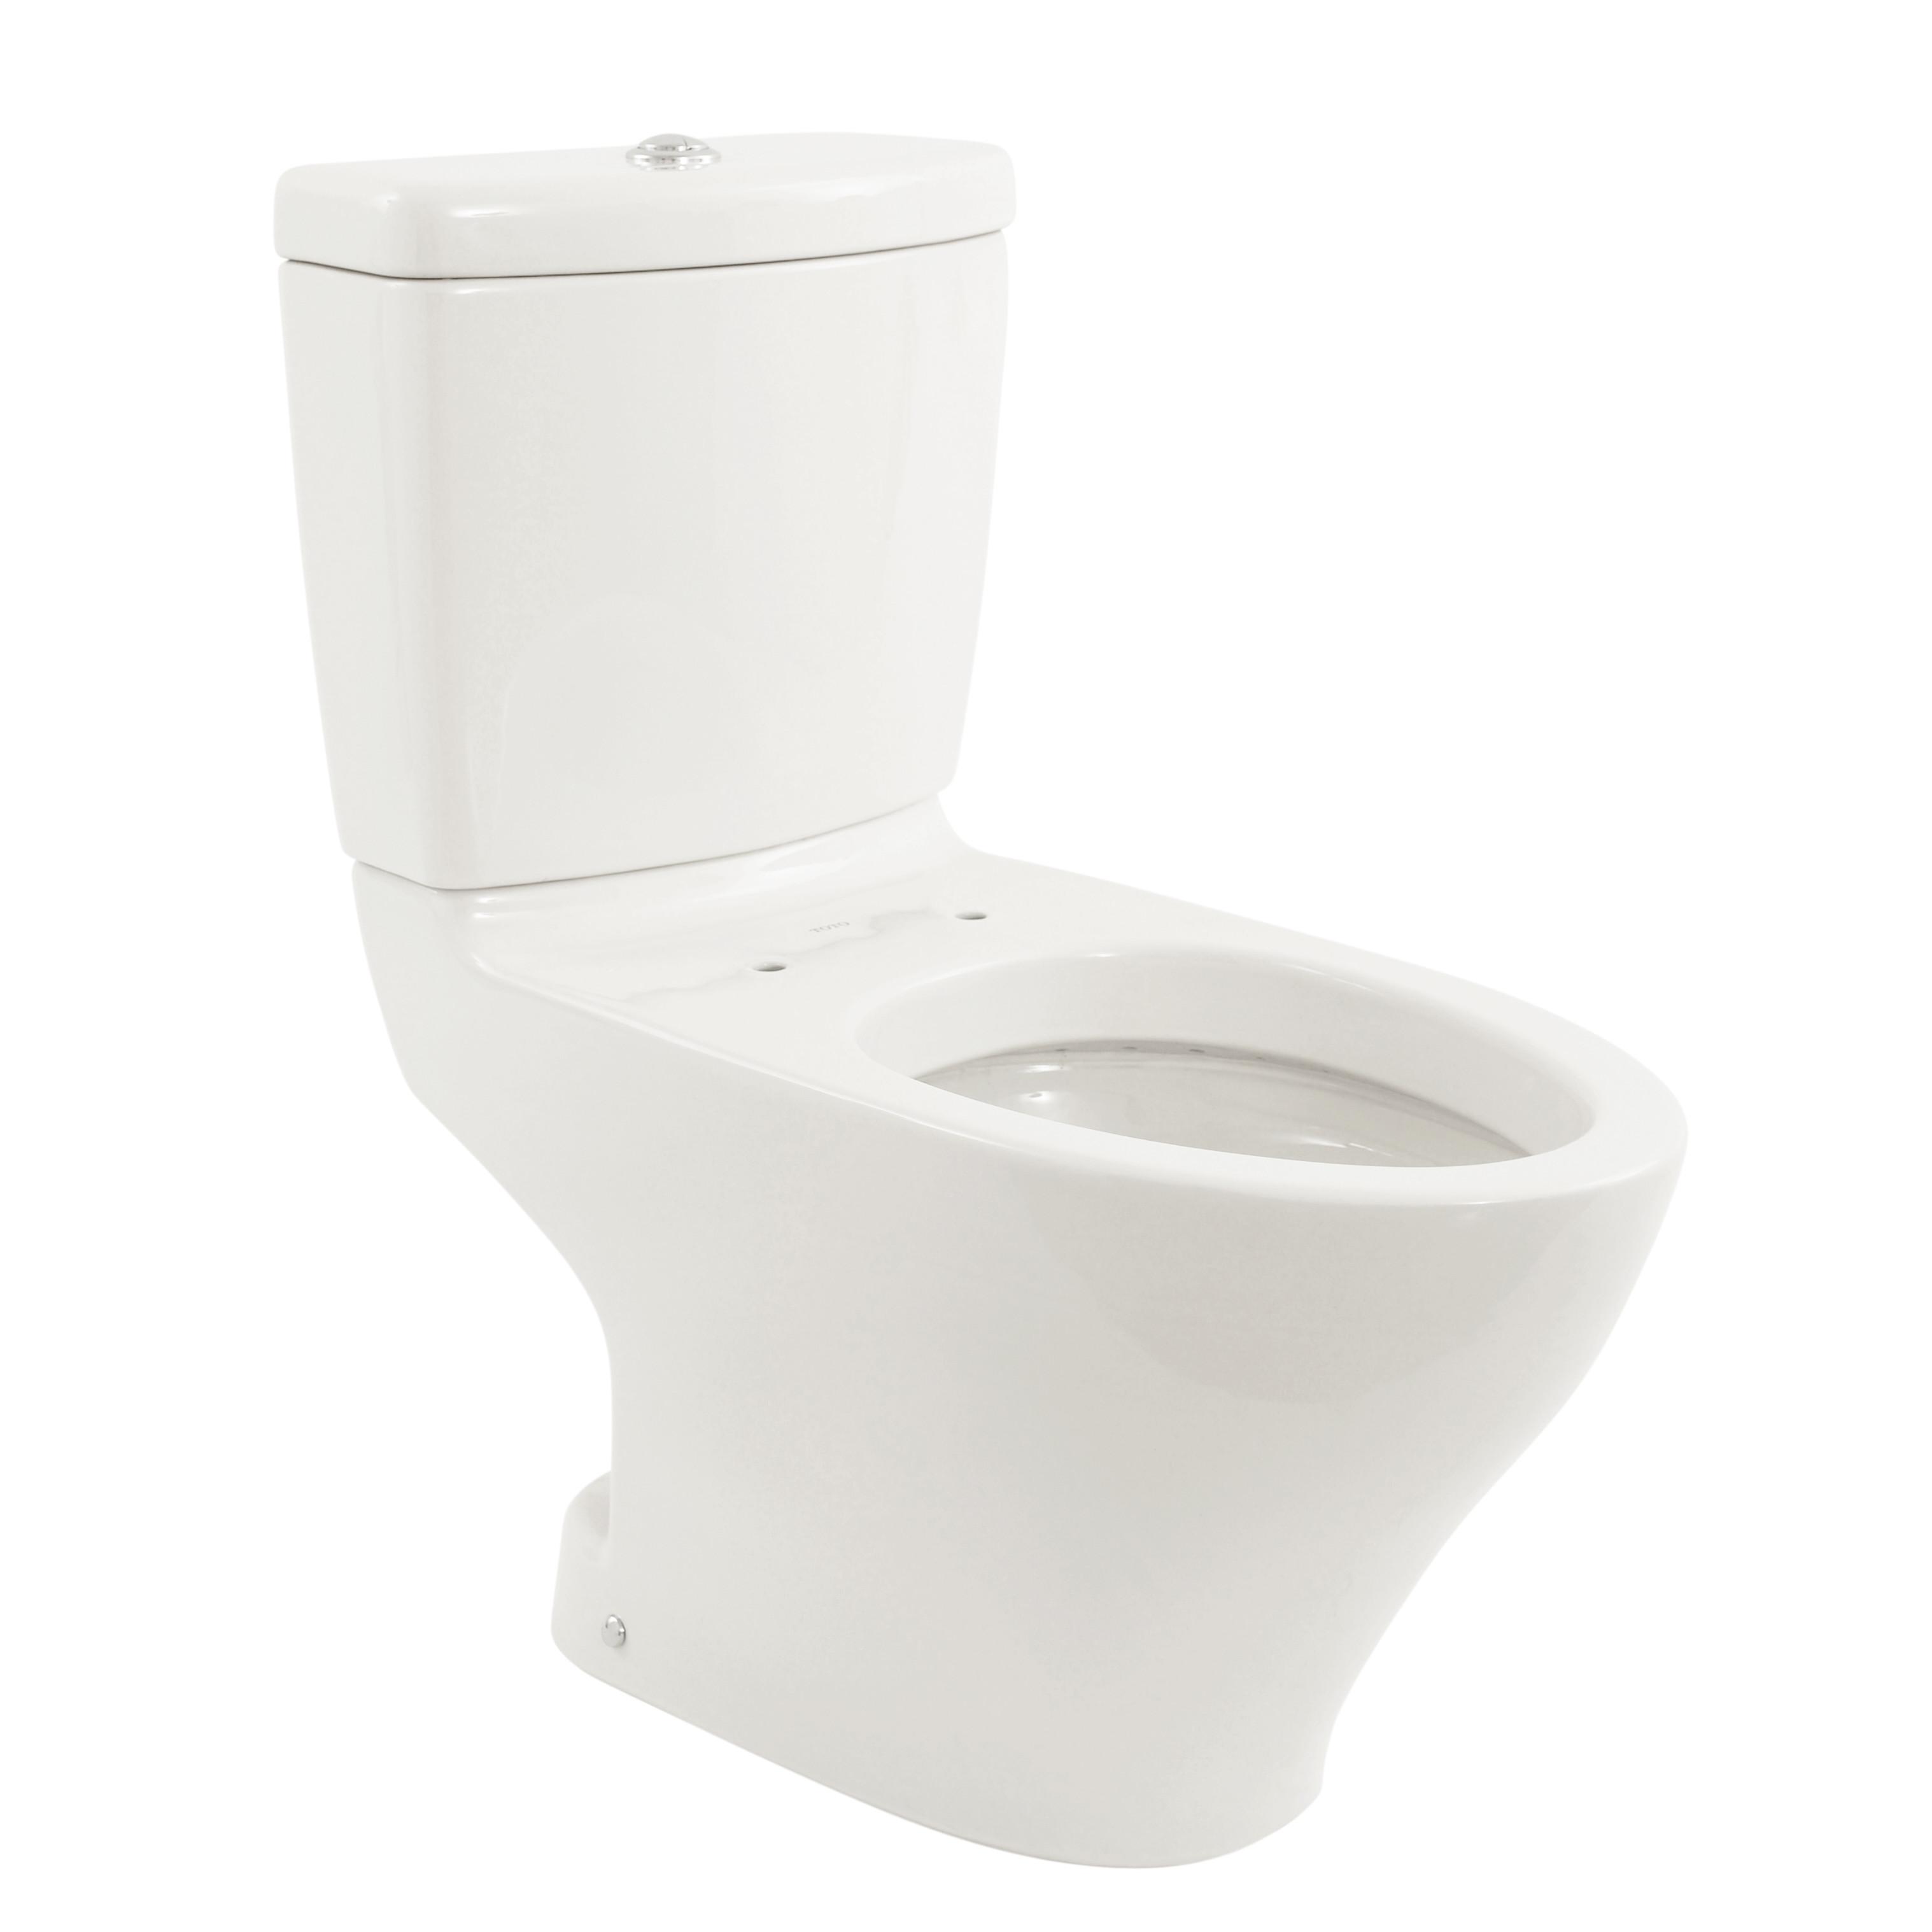 Bidet Toilet Combo | Toto Cst744sg-01 | Toto Toilet